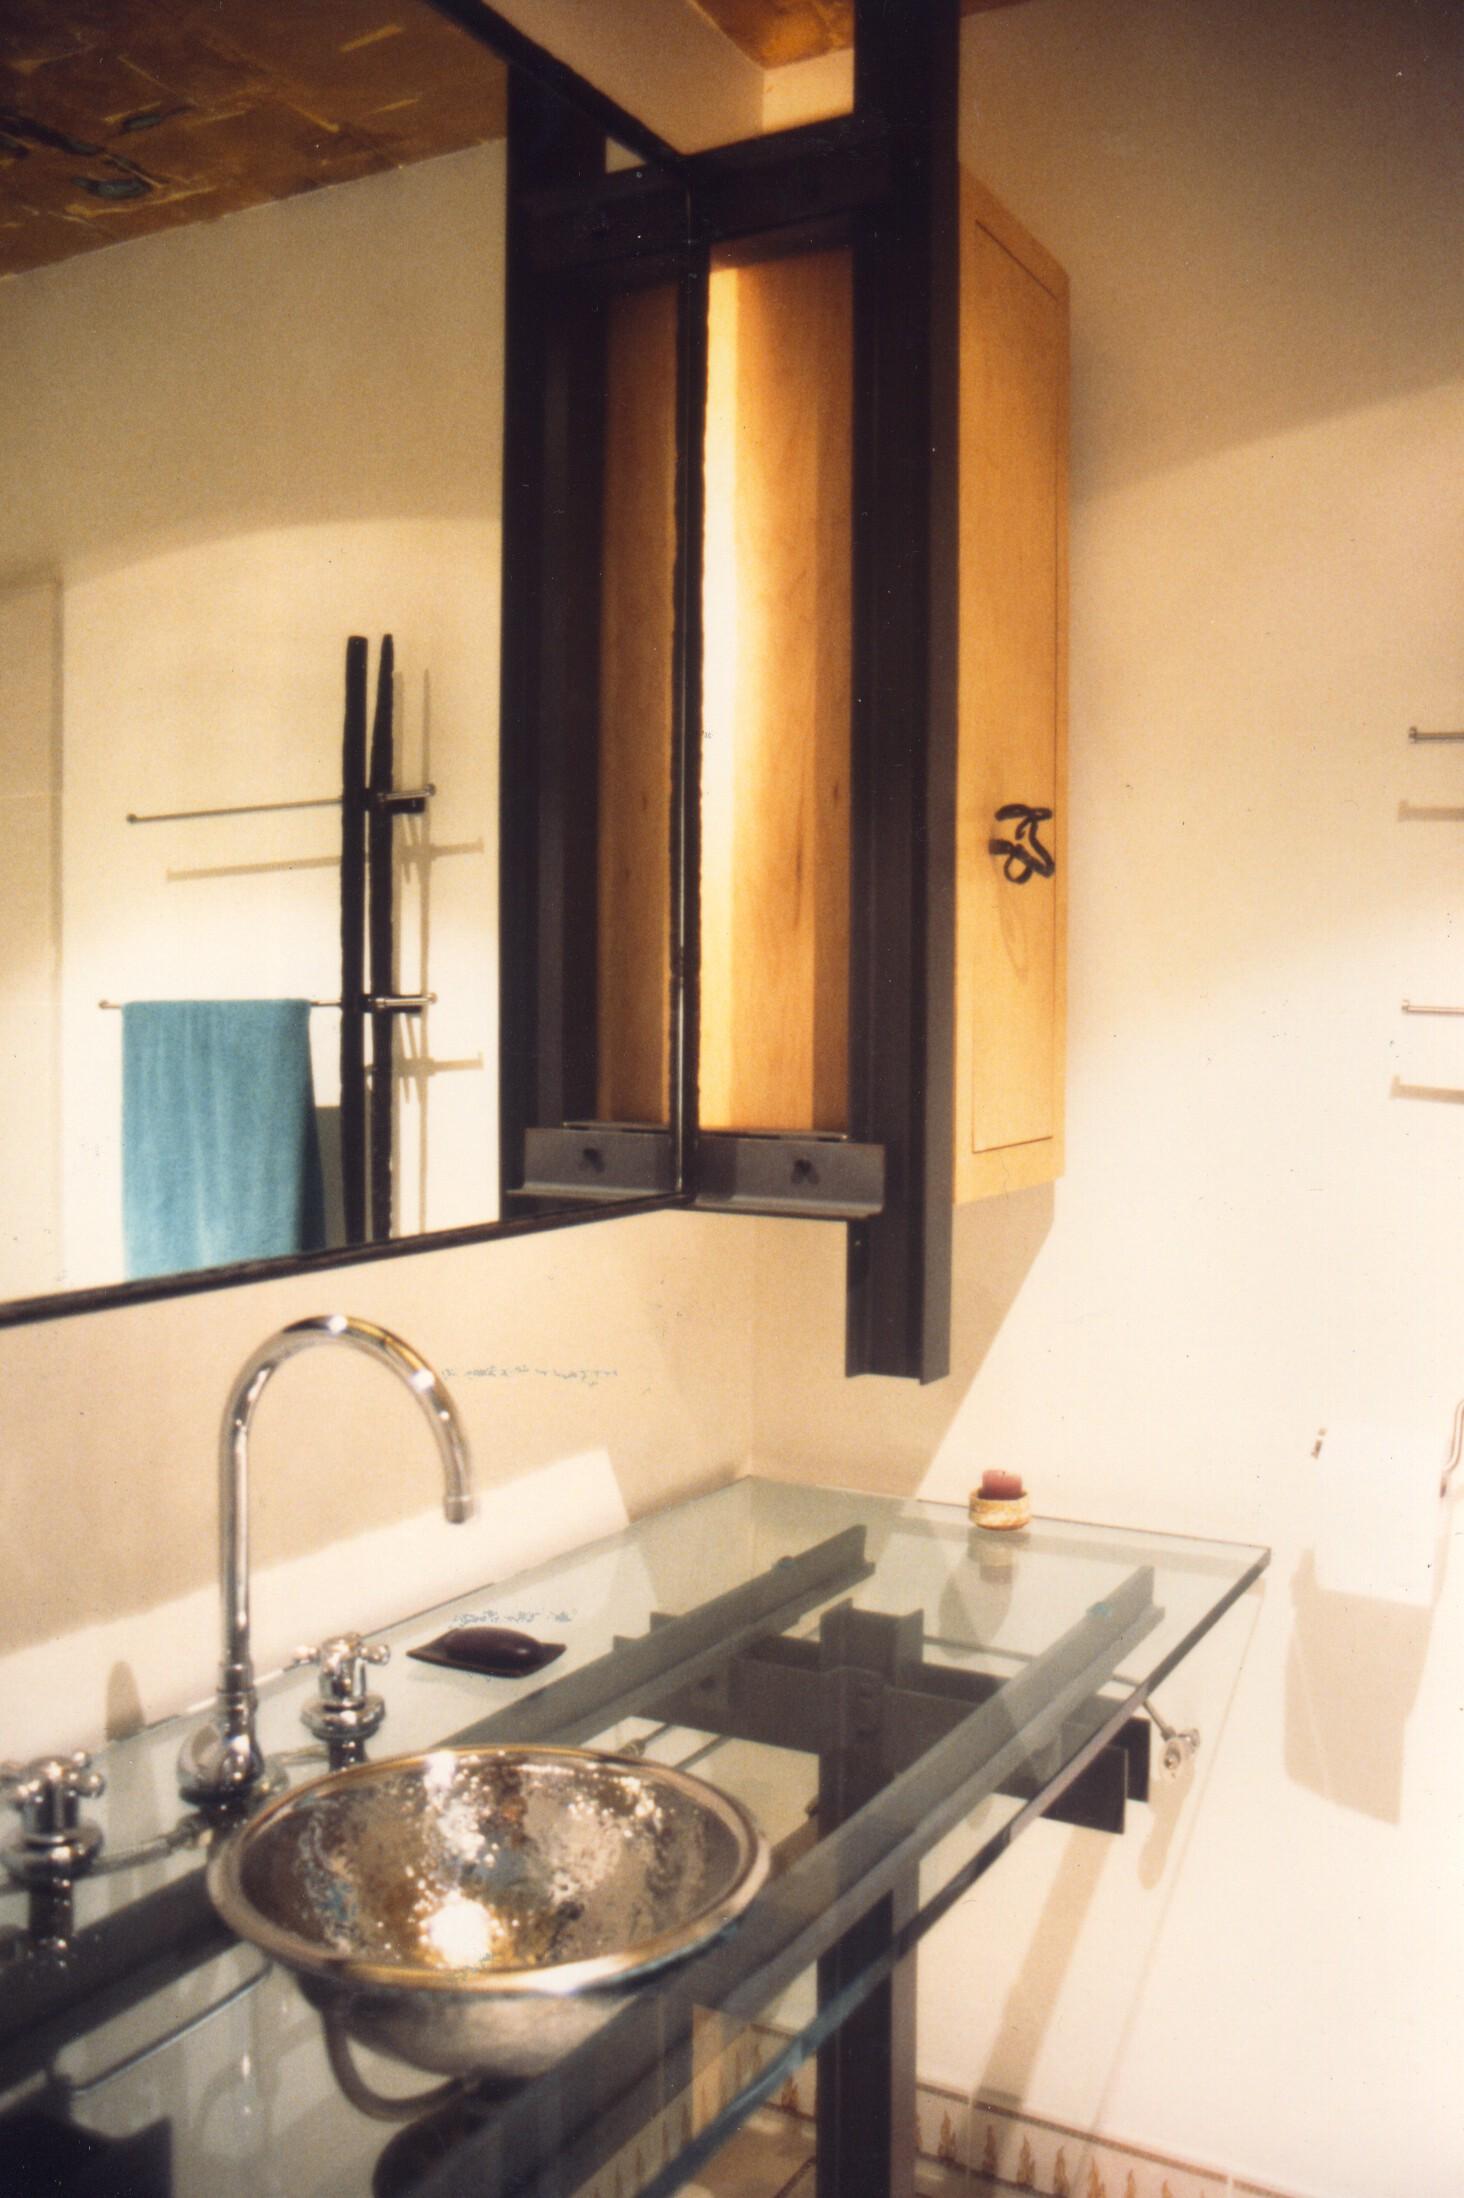 Bathroom Floating Backlit Mirro + Side Cabinet - Custom Towel Rack Seen in Mirror